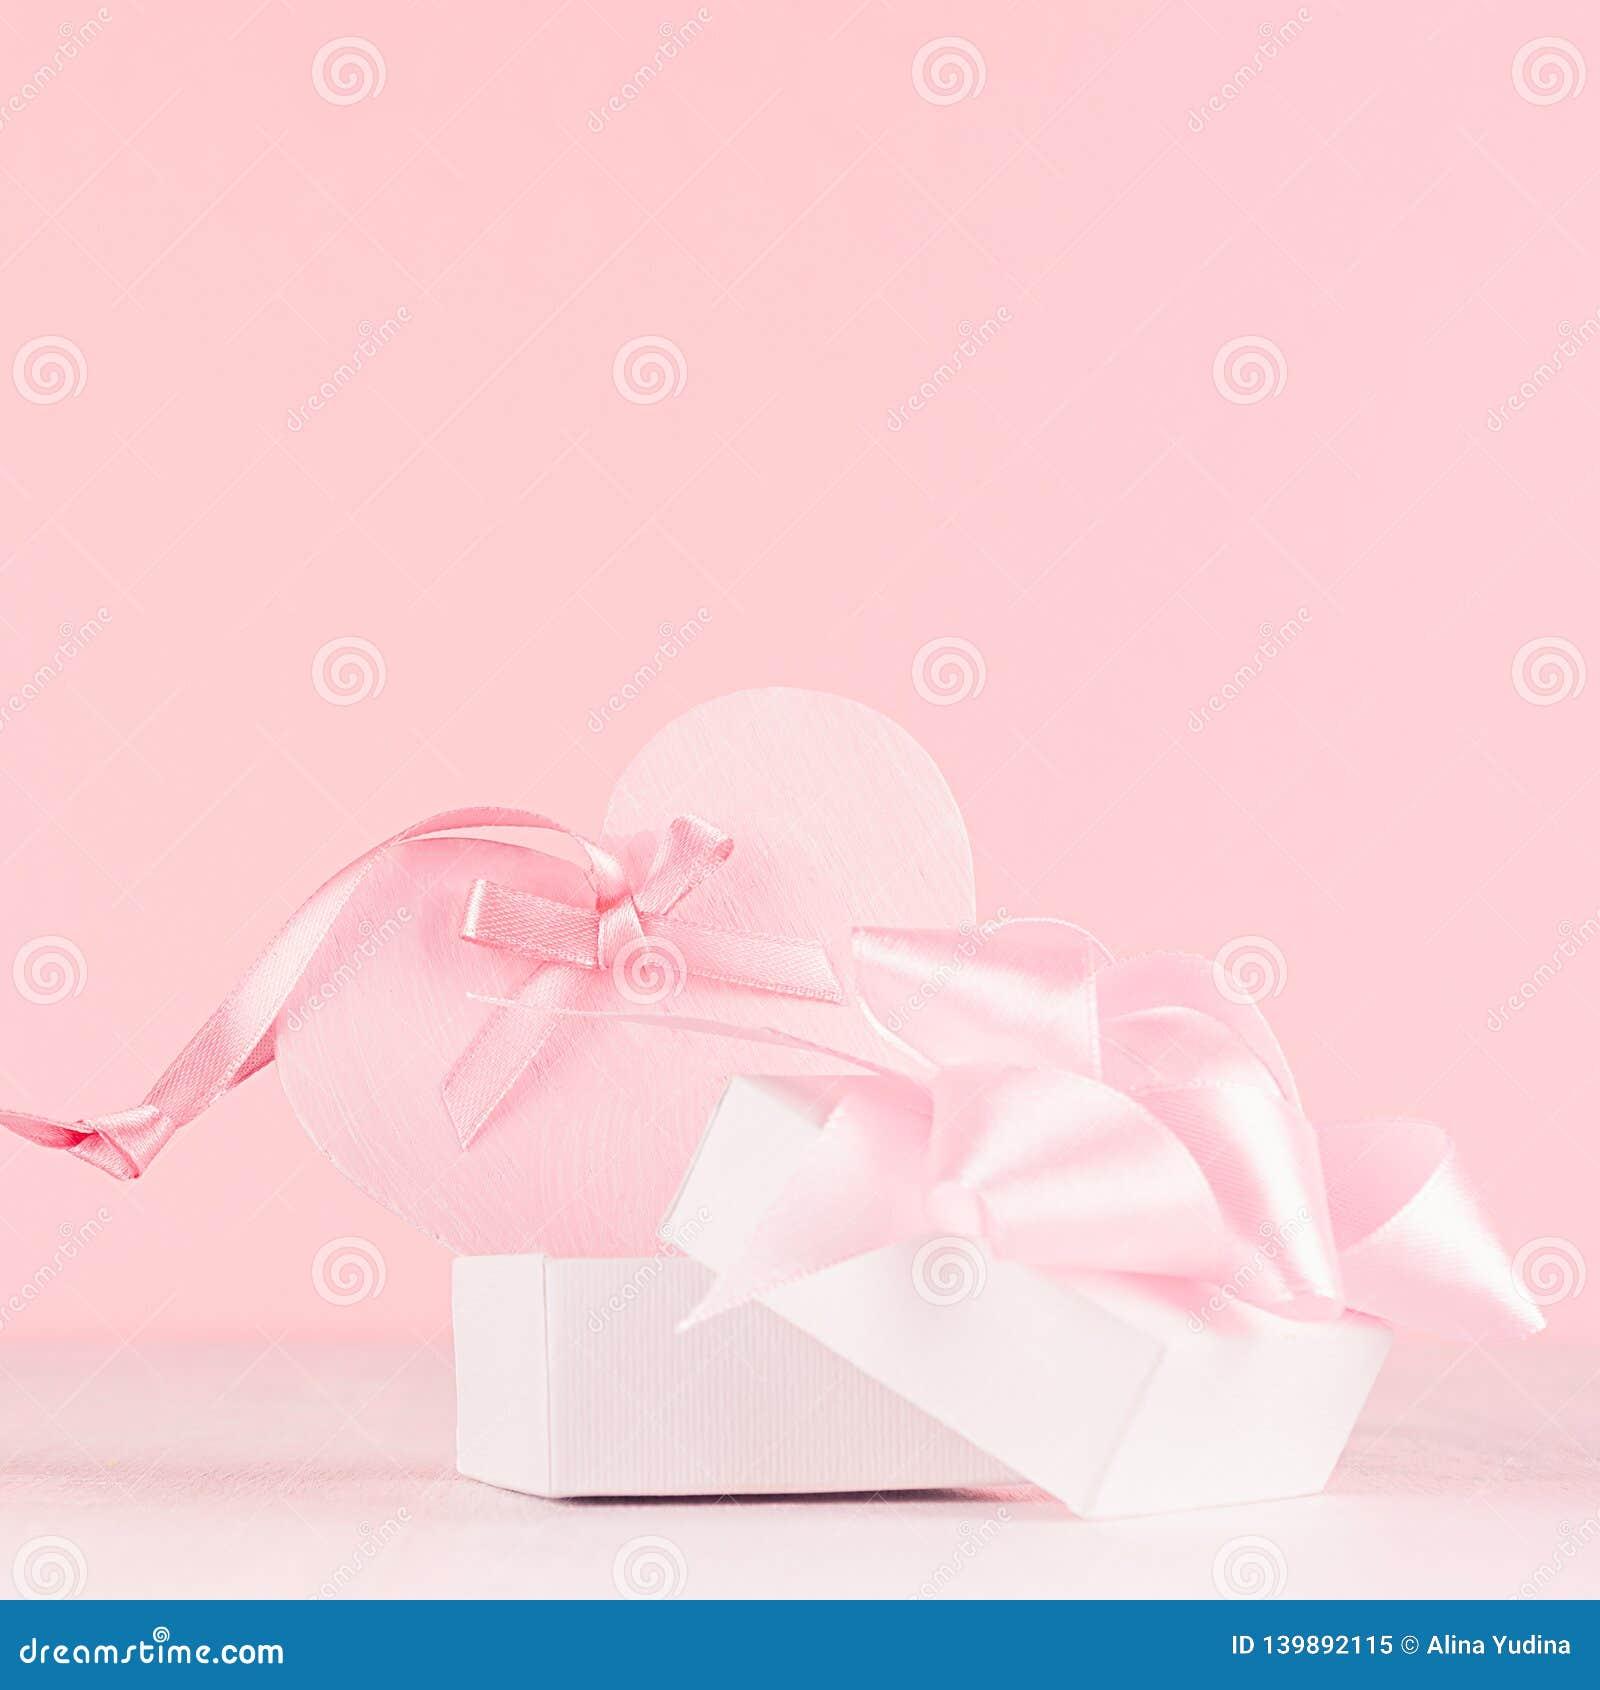 Meisjesachtige zachte Valentine-dagenachtergrond - zacht pastelkleur roze hart met lint en boog op witte houten raad